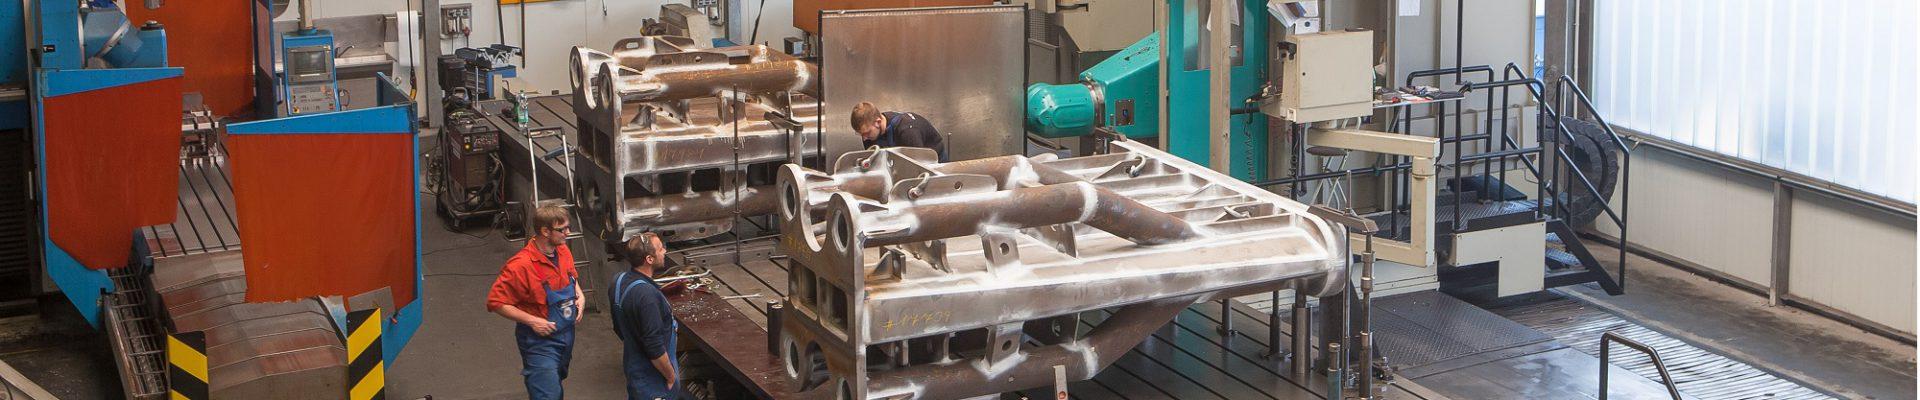 Karl Wrede Stahl- und Maschinenbau GmbH